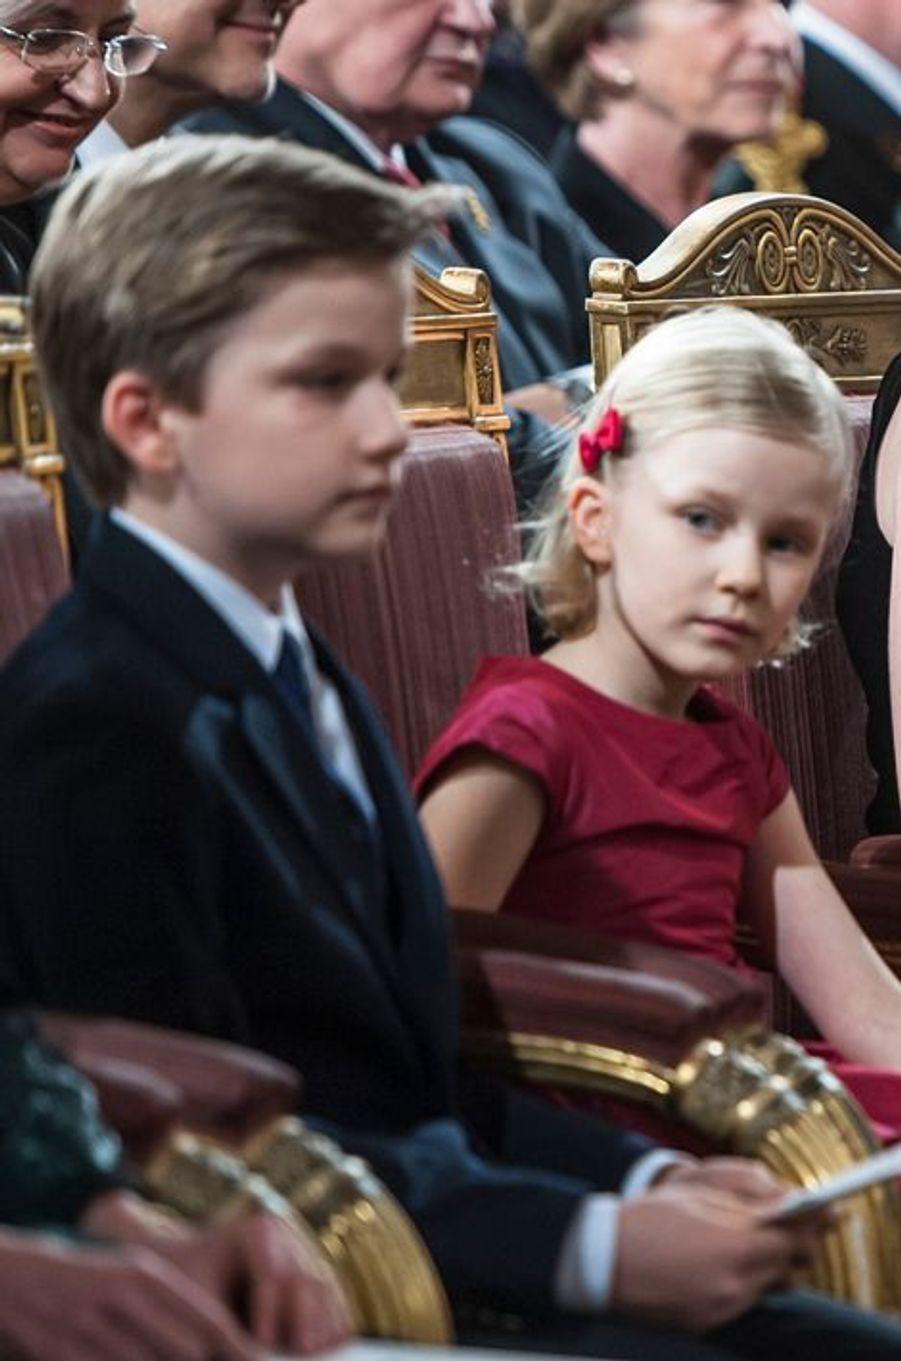 Le prince Gabriel et la princesse Eléonor de Belgique au concert de Noël au Palais royal de Bruxelles, le 17 décembre 2014